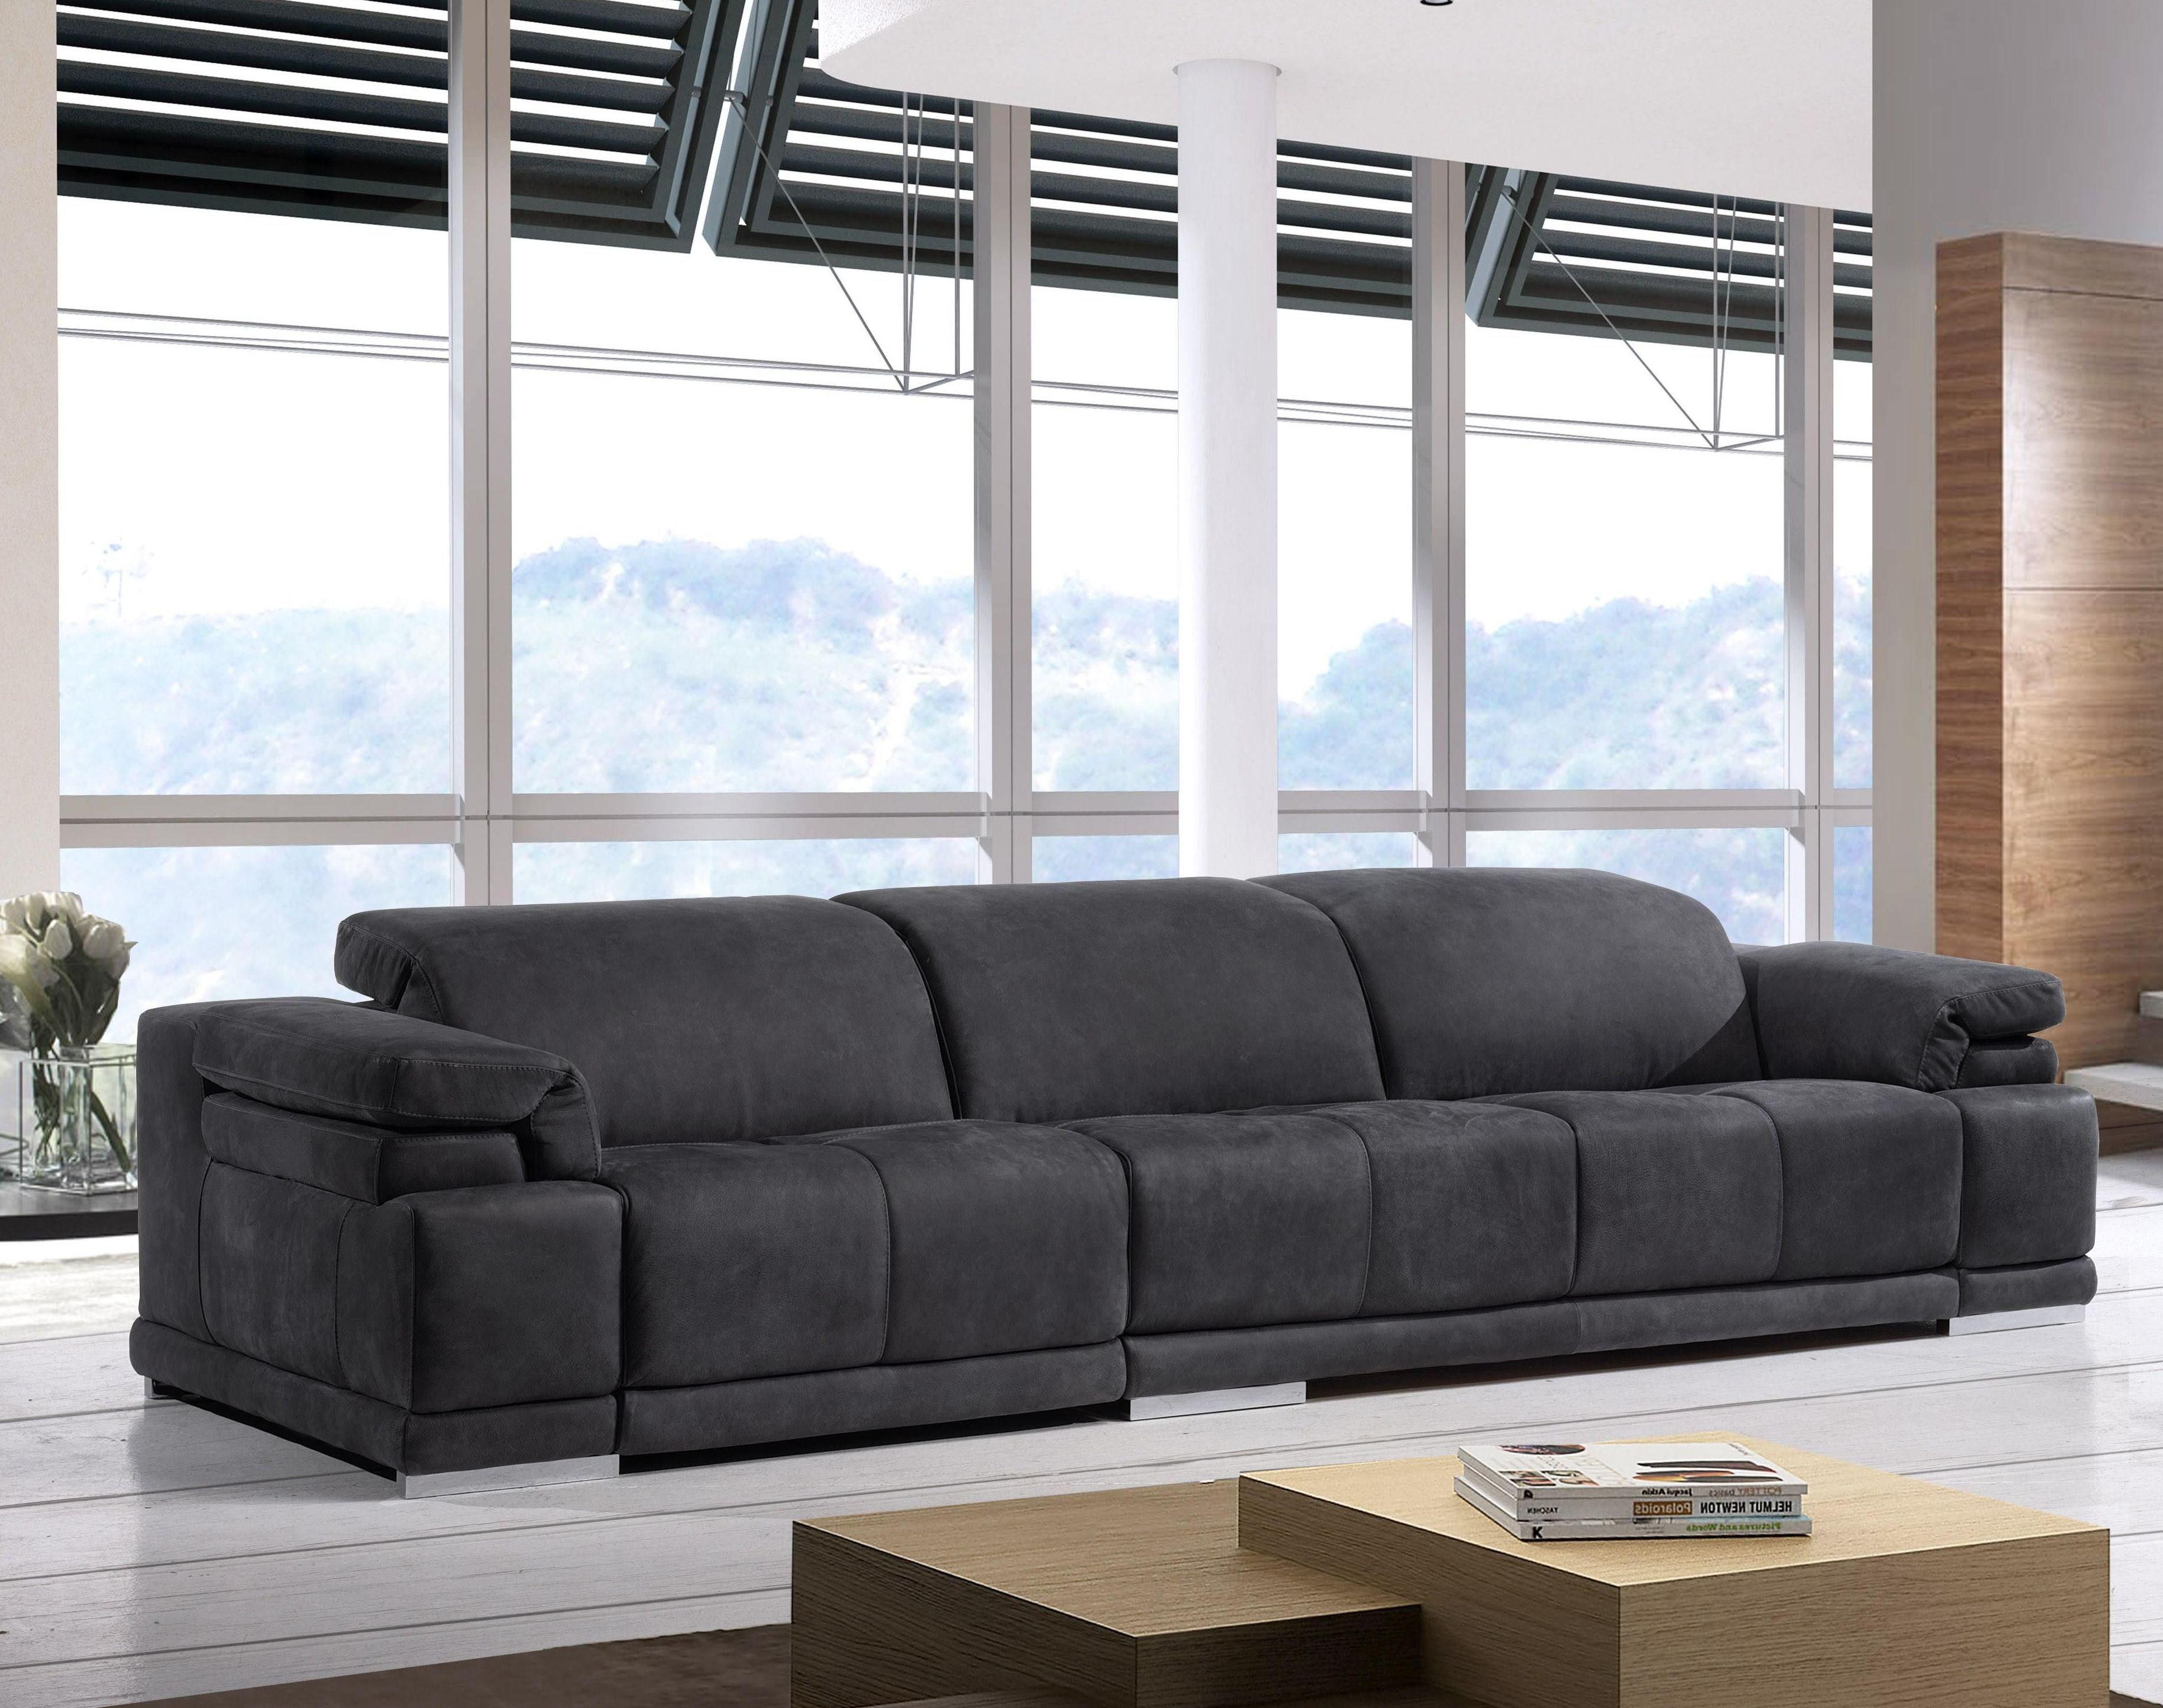 Ofertas en sof s en eur polis lite de la piel - Marcas de sofas de piel ...